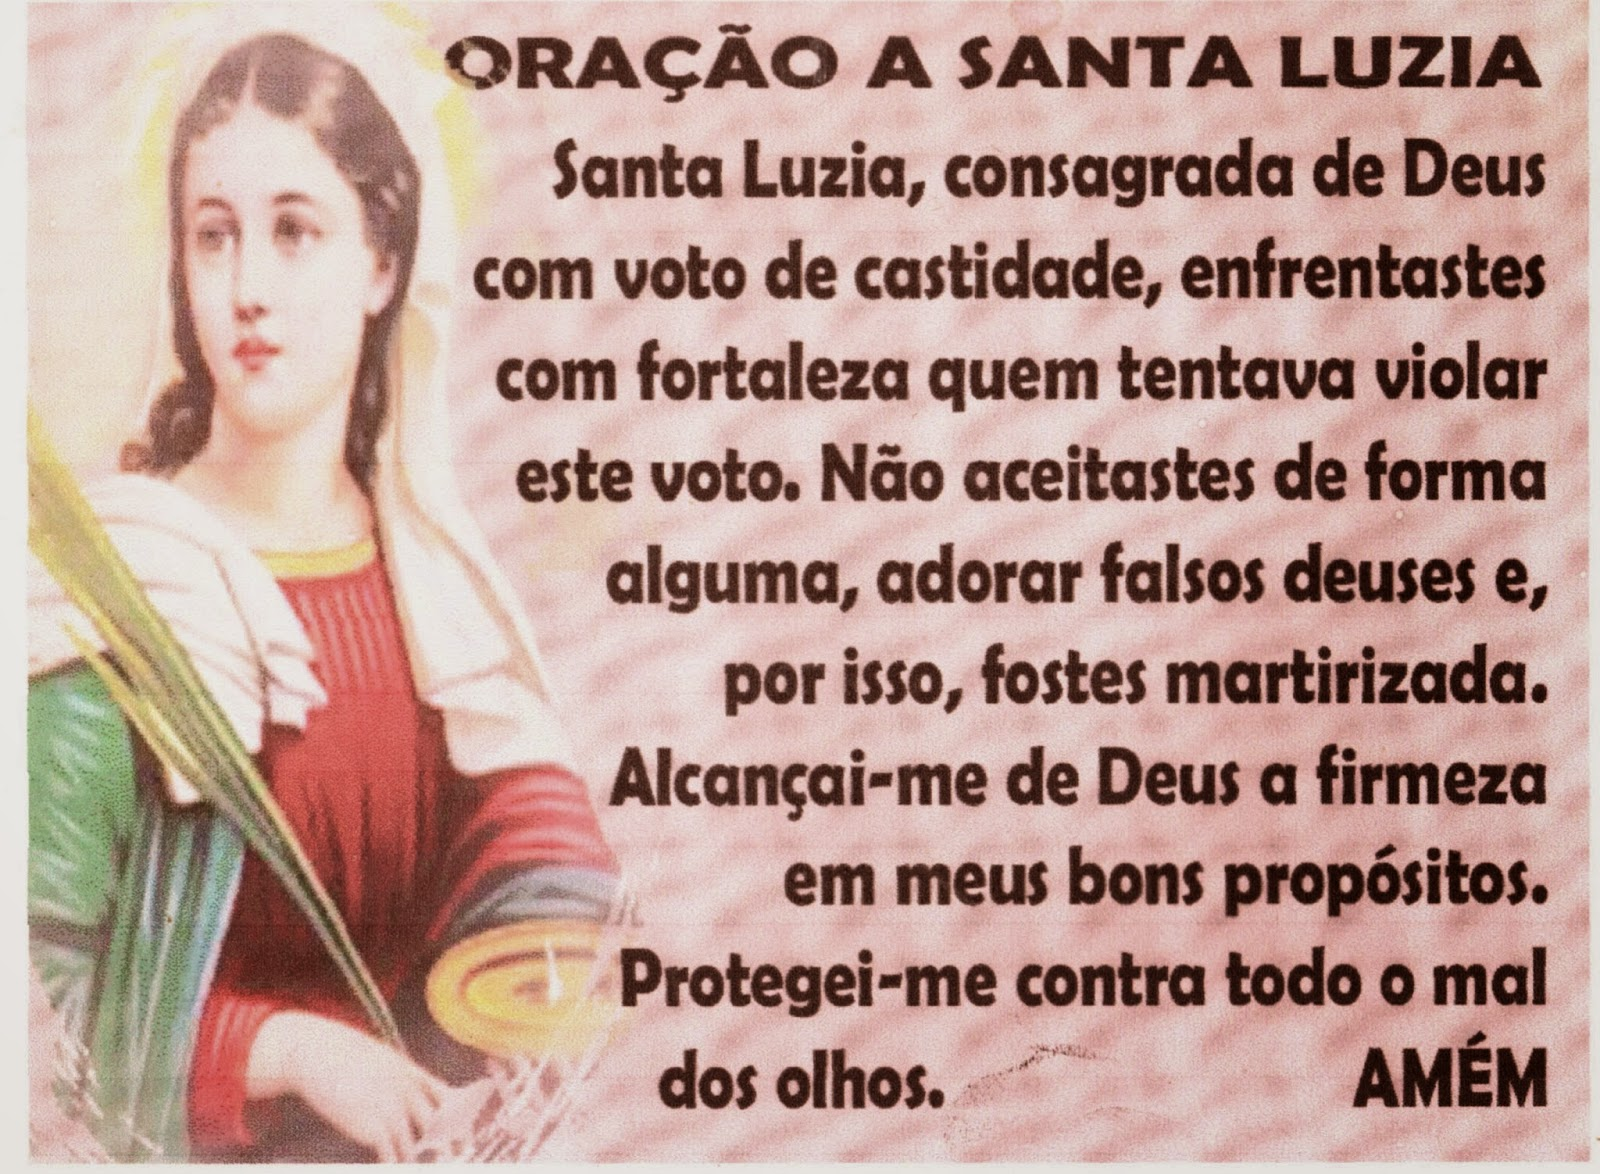 Resultado de imagem para Oração a Santa Luzia